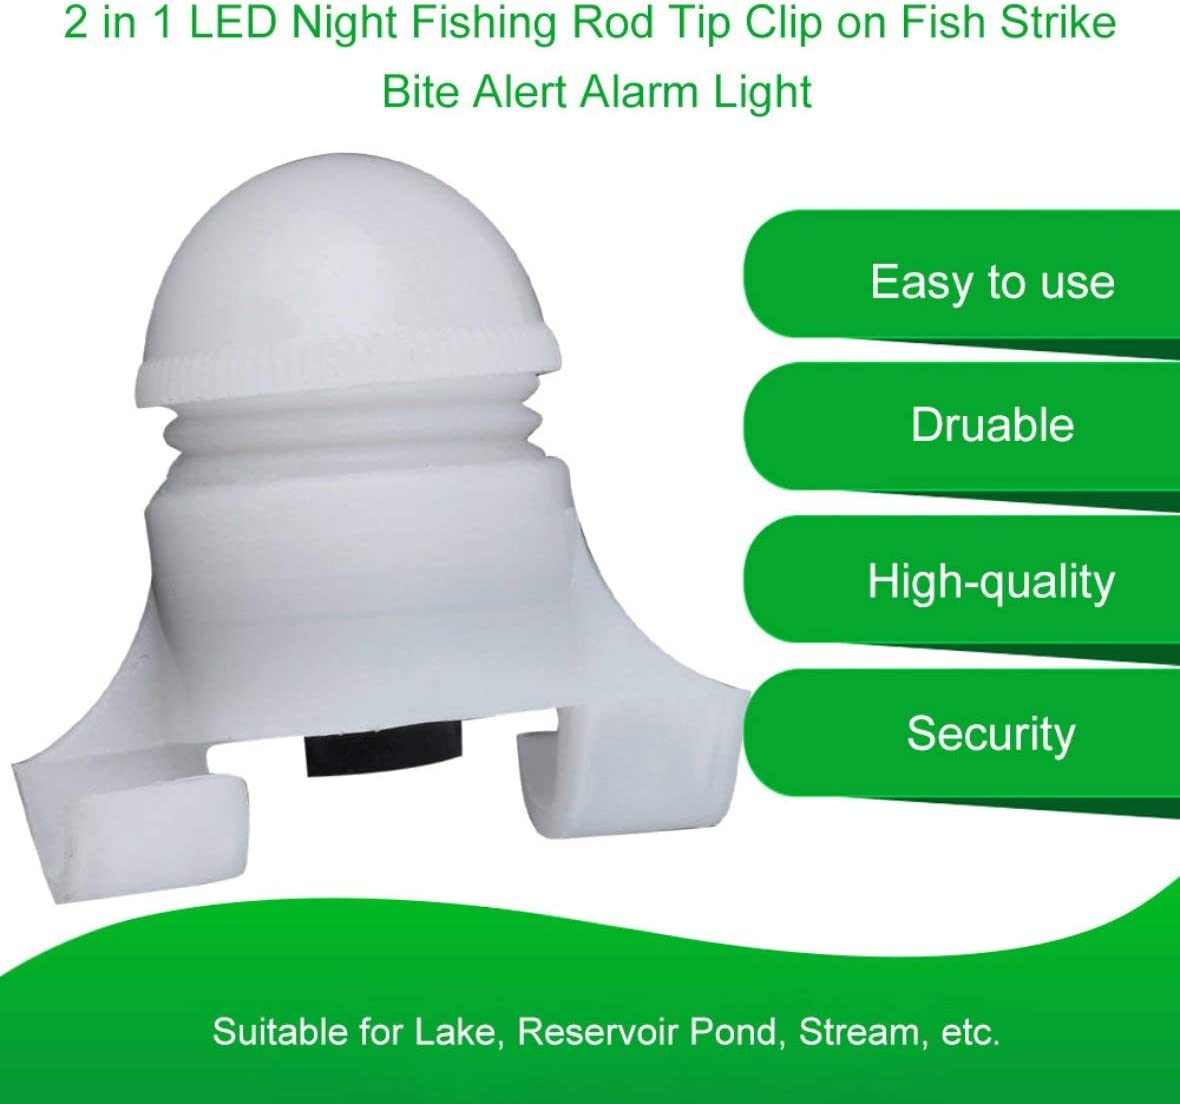 Wei/ß Portable 2 in 1 LED Nacht Angelrute TIPP Clip auf Fisch Streik Bissanzeiger Licht Angeln LED Rod Clip Angelzubeh/ör